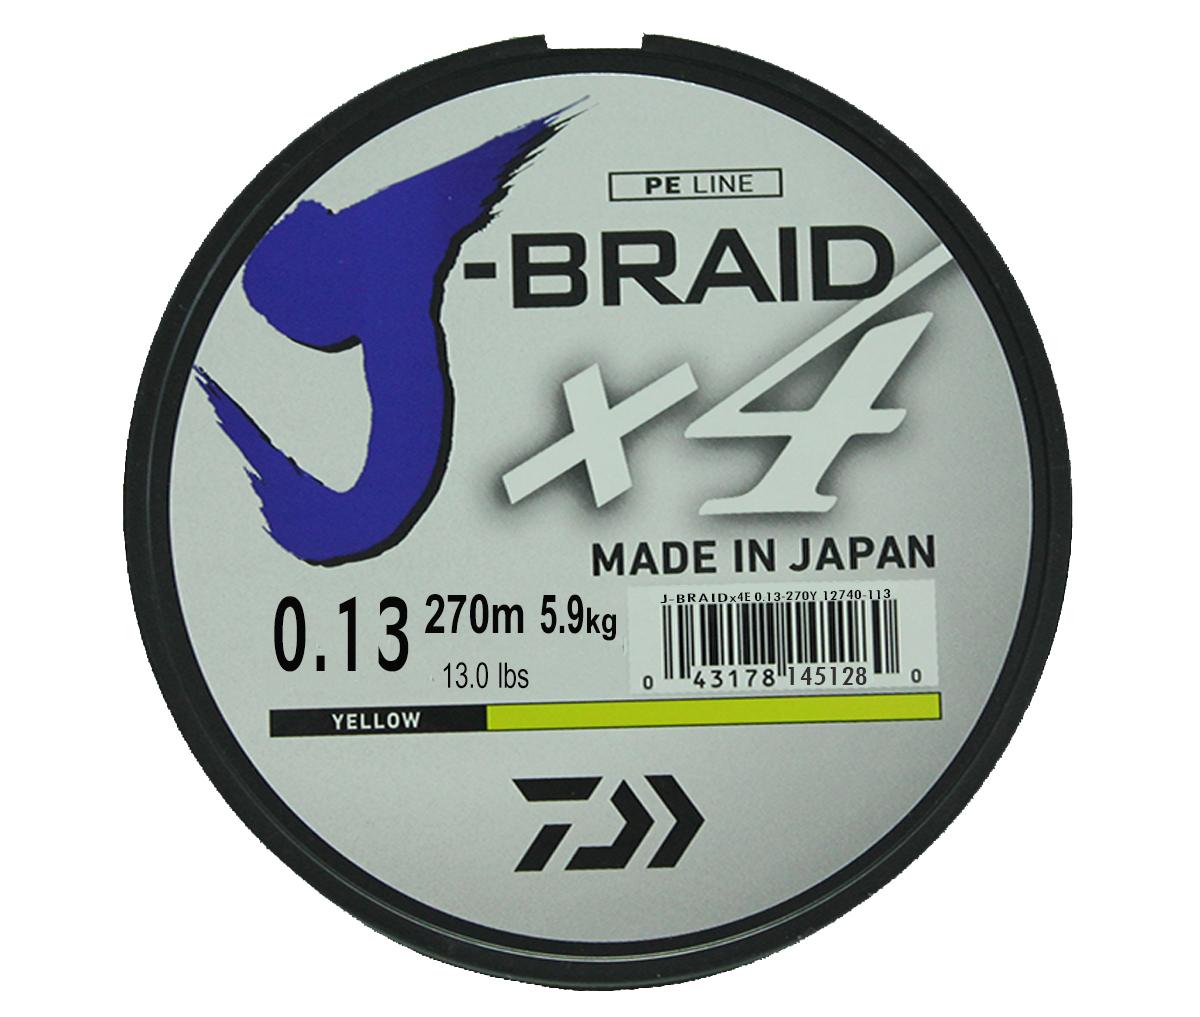 Леска плетеная DAIWA J-Braid X4 0,13мм 270 (флуор.-желтая)Леска плетеная<br>Новый 4х жильный шнур J-Braid, DAIWA - шнур высокого <br>класса с удивительным соотношением цены <br>и качества. Качество плетения полностью <br>соответствует японским стандартам и удовлетворяет <br>всем требованиям. Представленные диаметры <br>позволяют использовать шнур для всех техник <br>ловли, начиная от ultra- light ловли окуня, до <br>морской ловли палтуса, трески и т.д.<br>